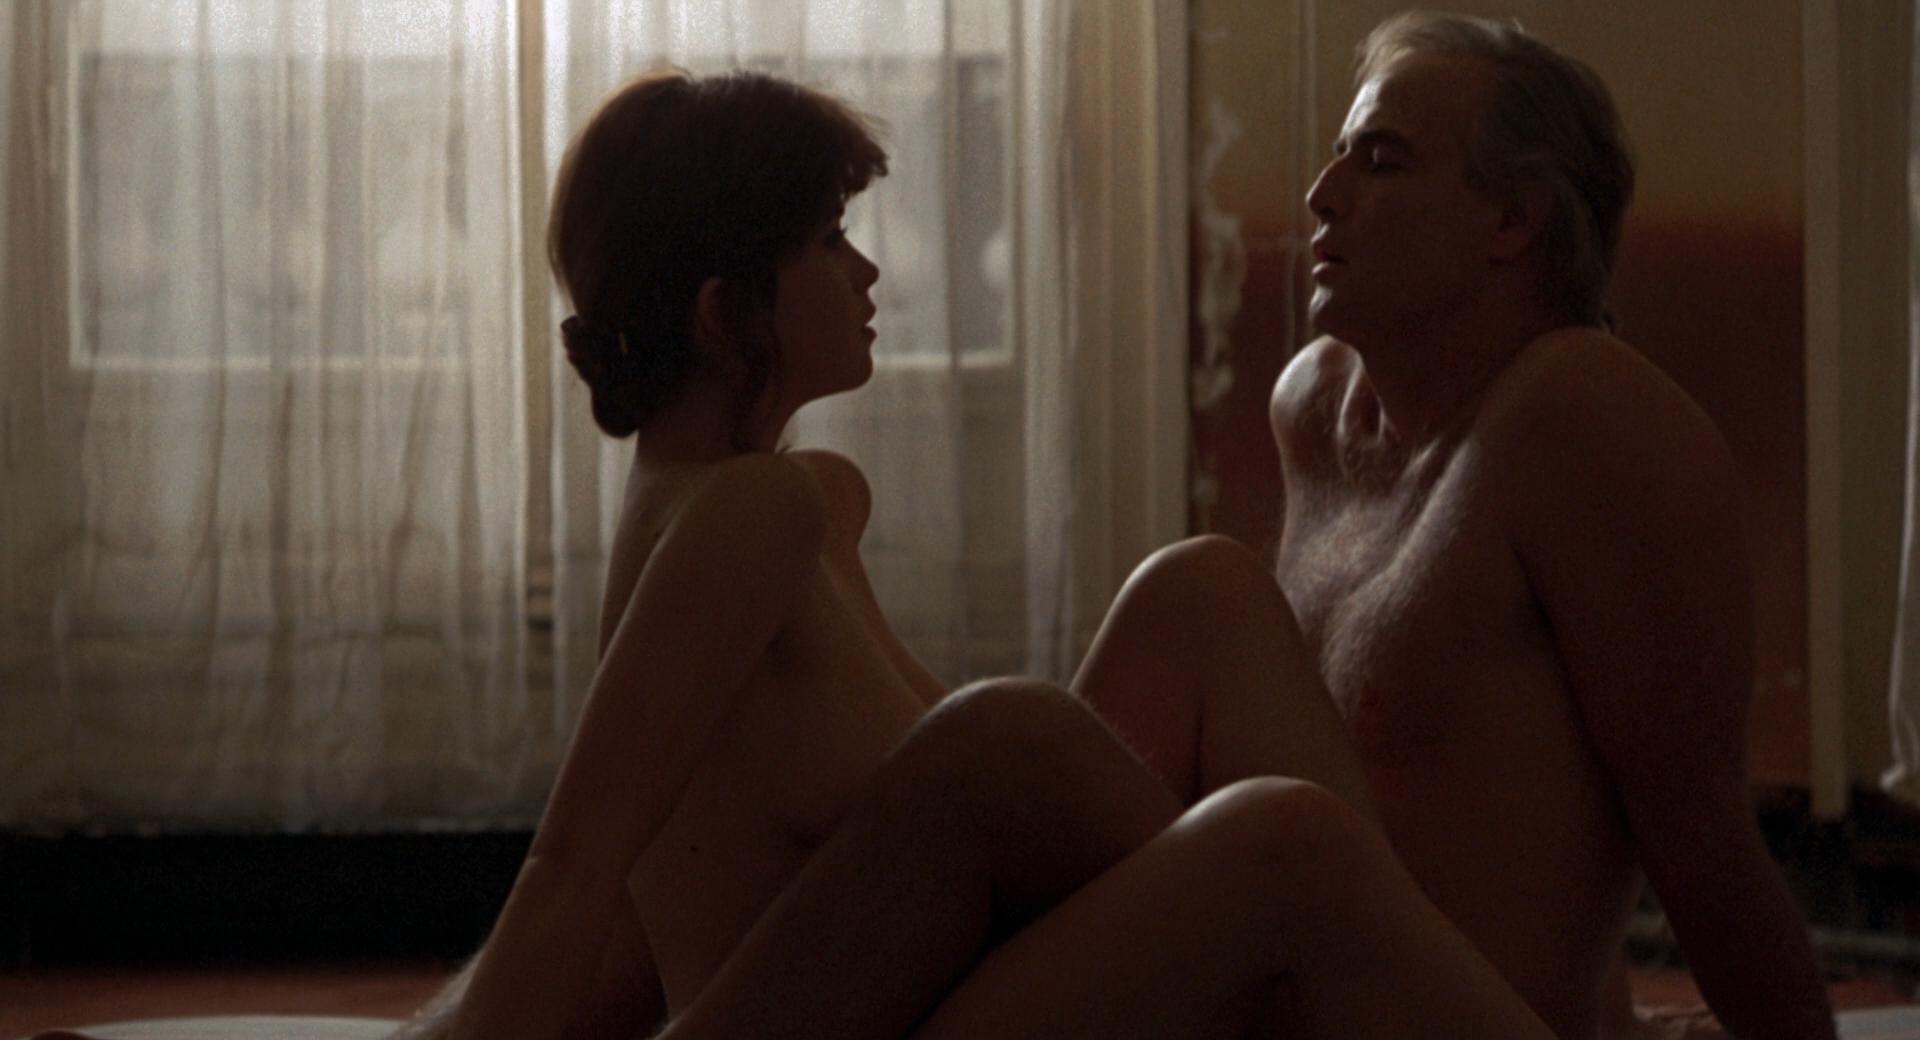 film romantico erotico cerco incontri con donne